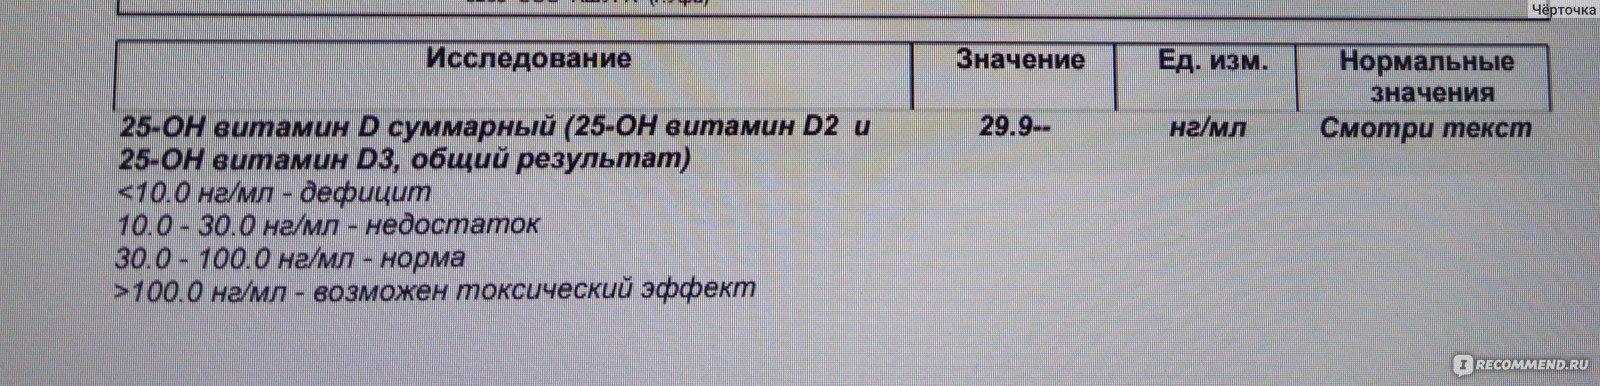 Витамин д - анализ крови